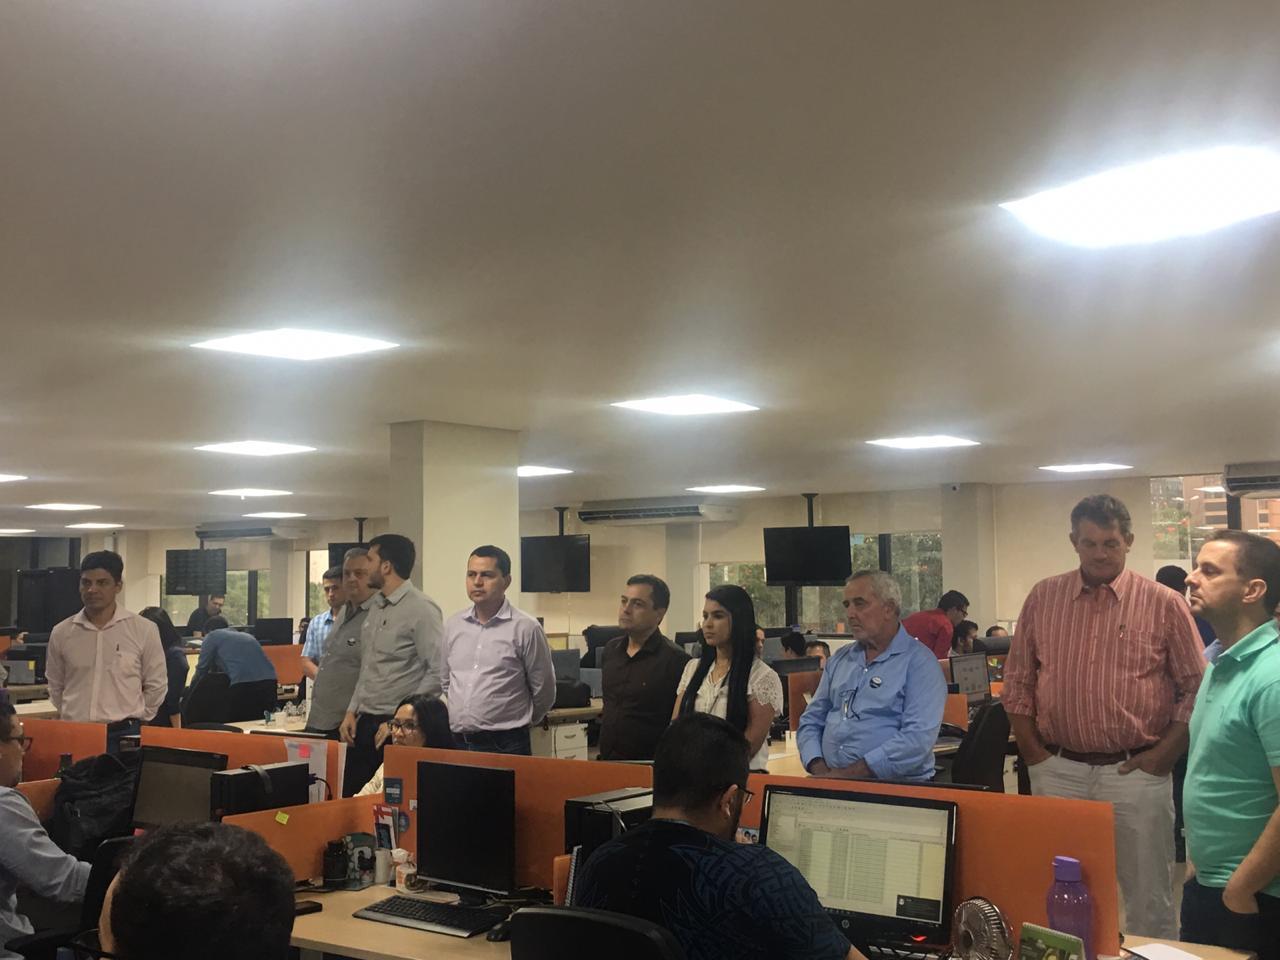 Conselheiros visitam Centro Cooperativo do Sicoob em Brasília (DF)